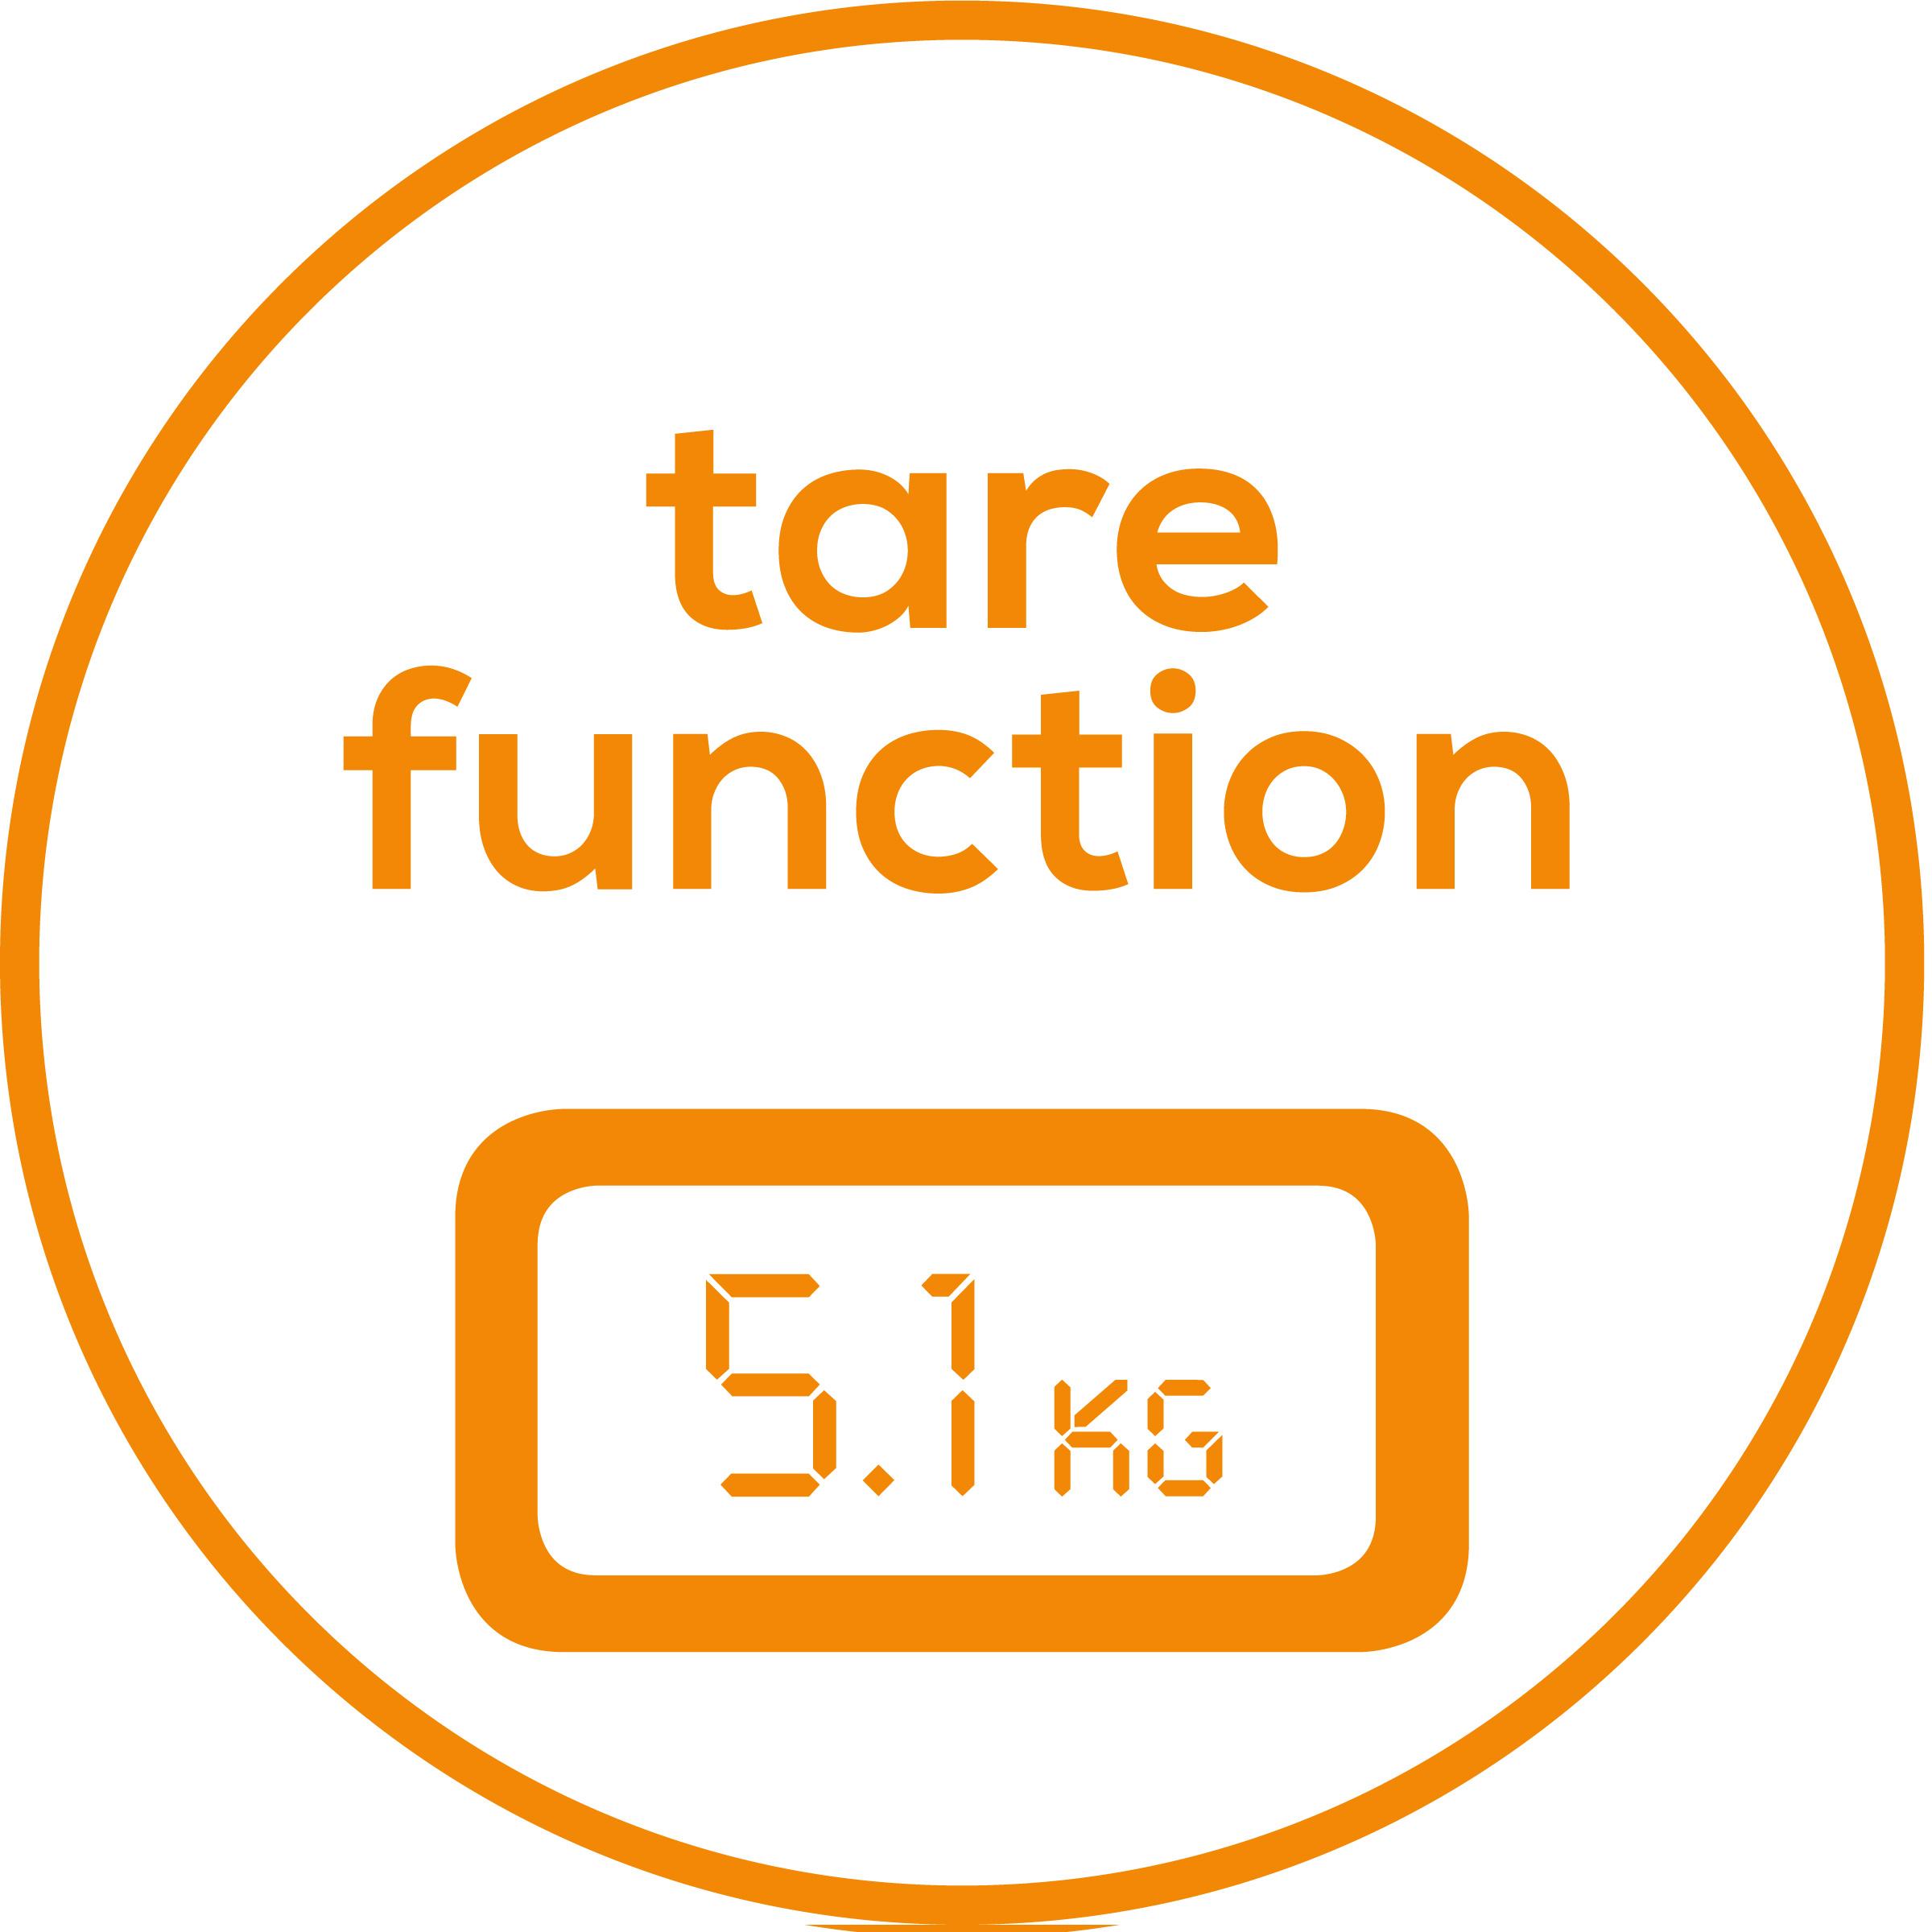 Función de pesar TARA La función adicional de pesar TARA permite determinar fácilmente el peso de bebés, animales domésticos, paquetes, etc.